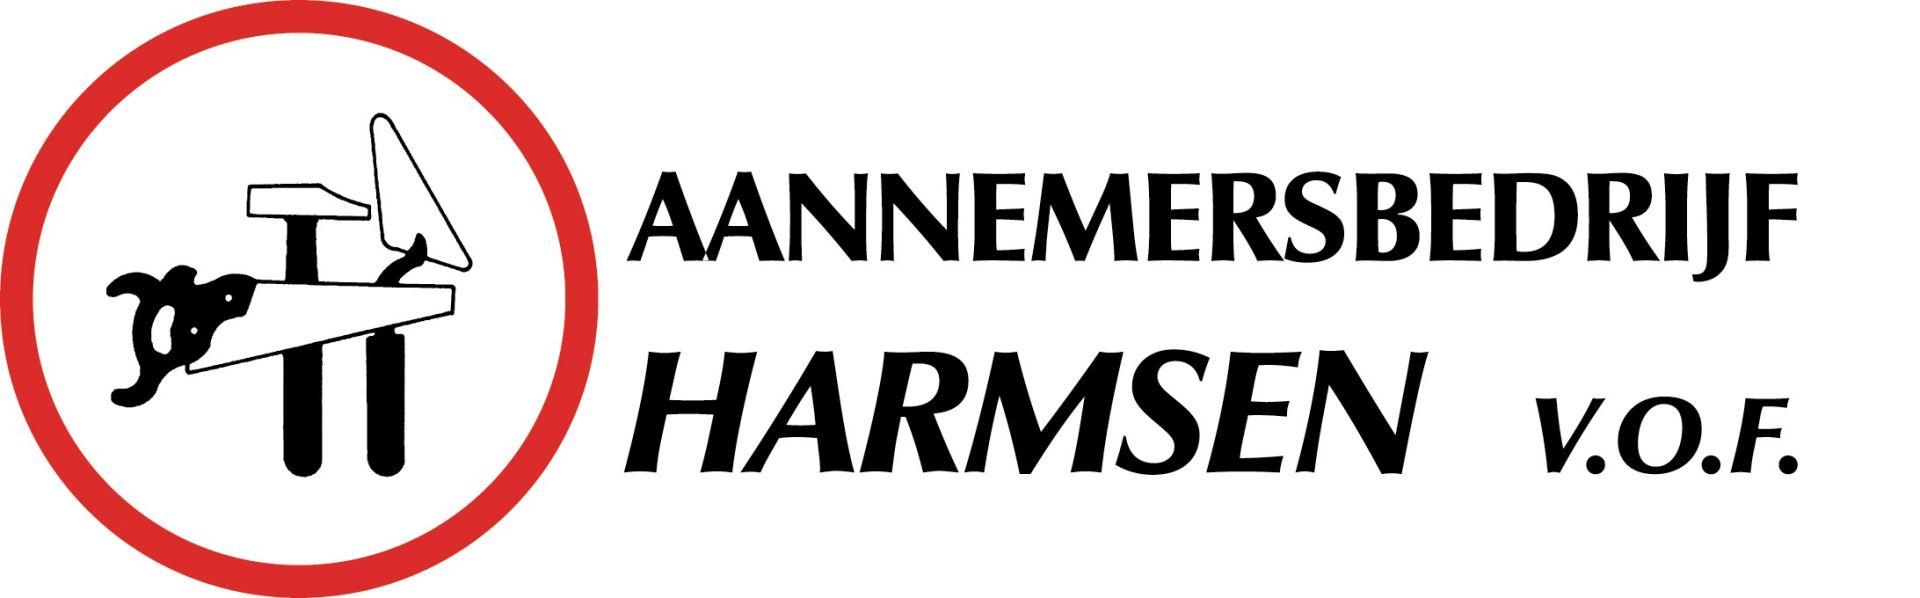 Aannemersbedrijf Harmsen